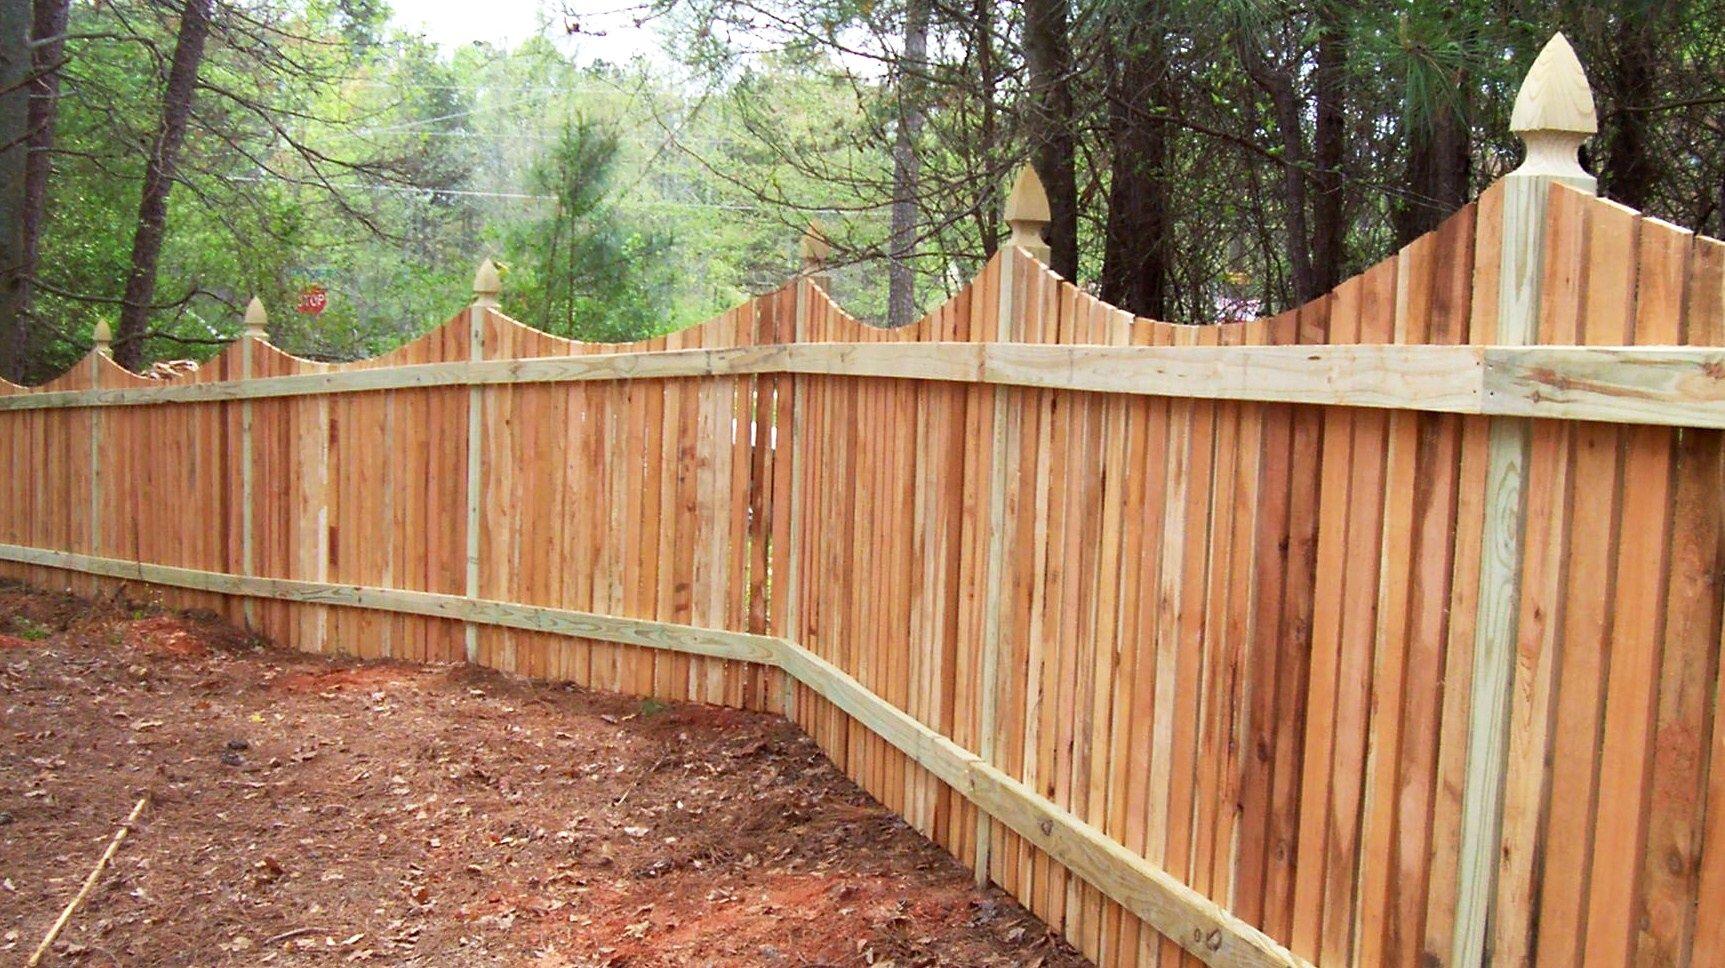 Saddle cut picket fence design mossy oak fence company orlando saddle cut picket fence design mossy oak fence company orlando melbourne baanklon Choice Image